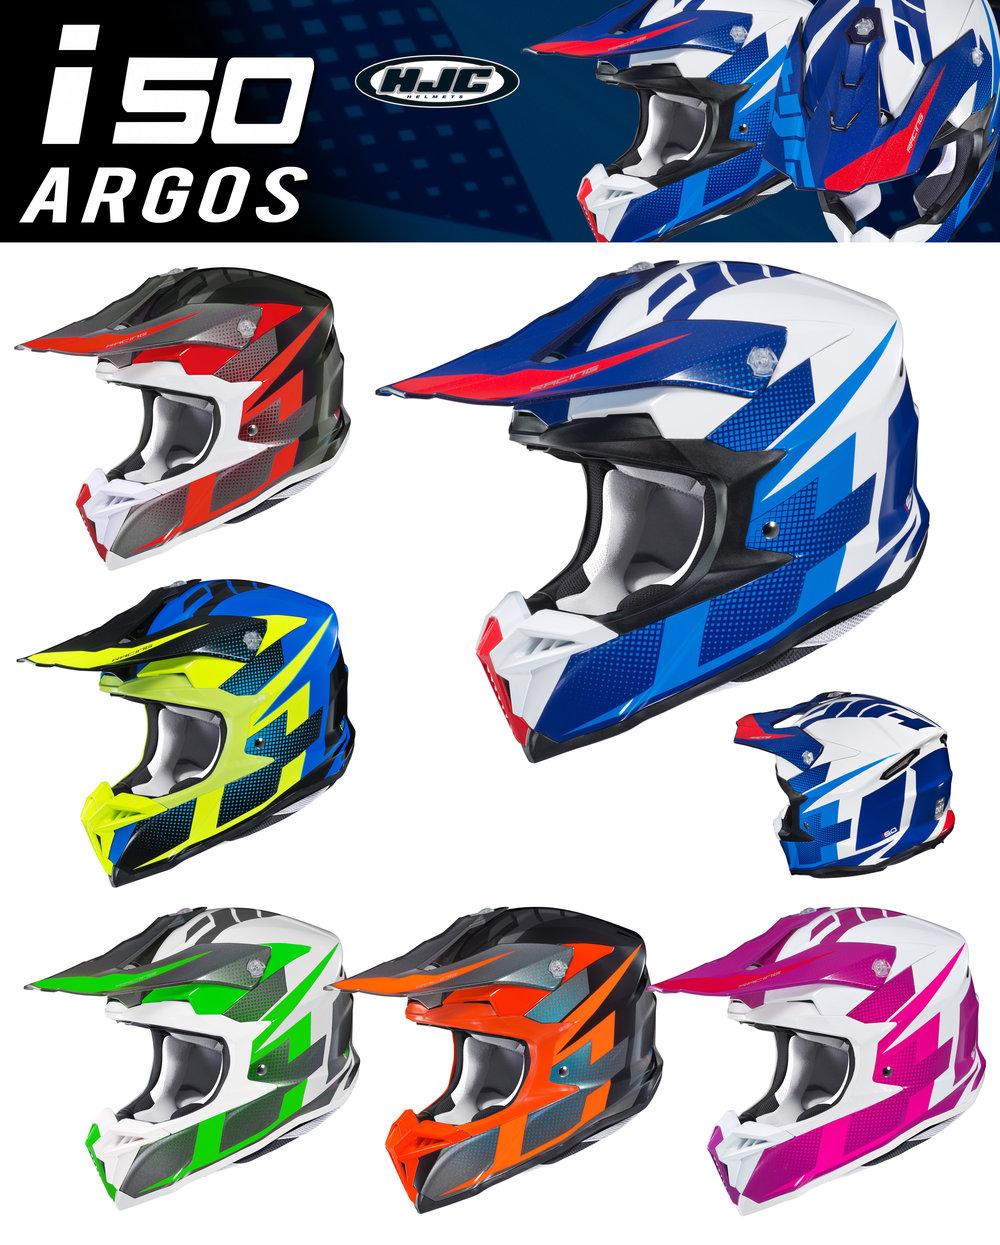 i50 Argos Helmet Post.jpg